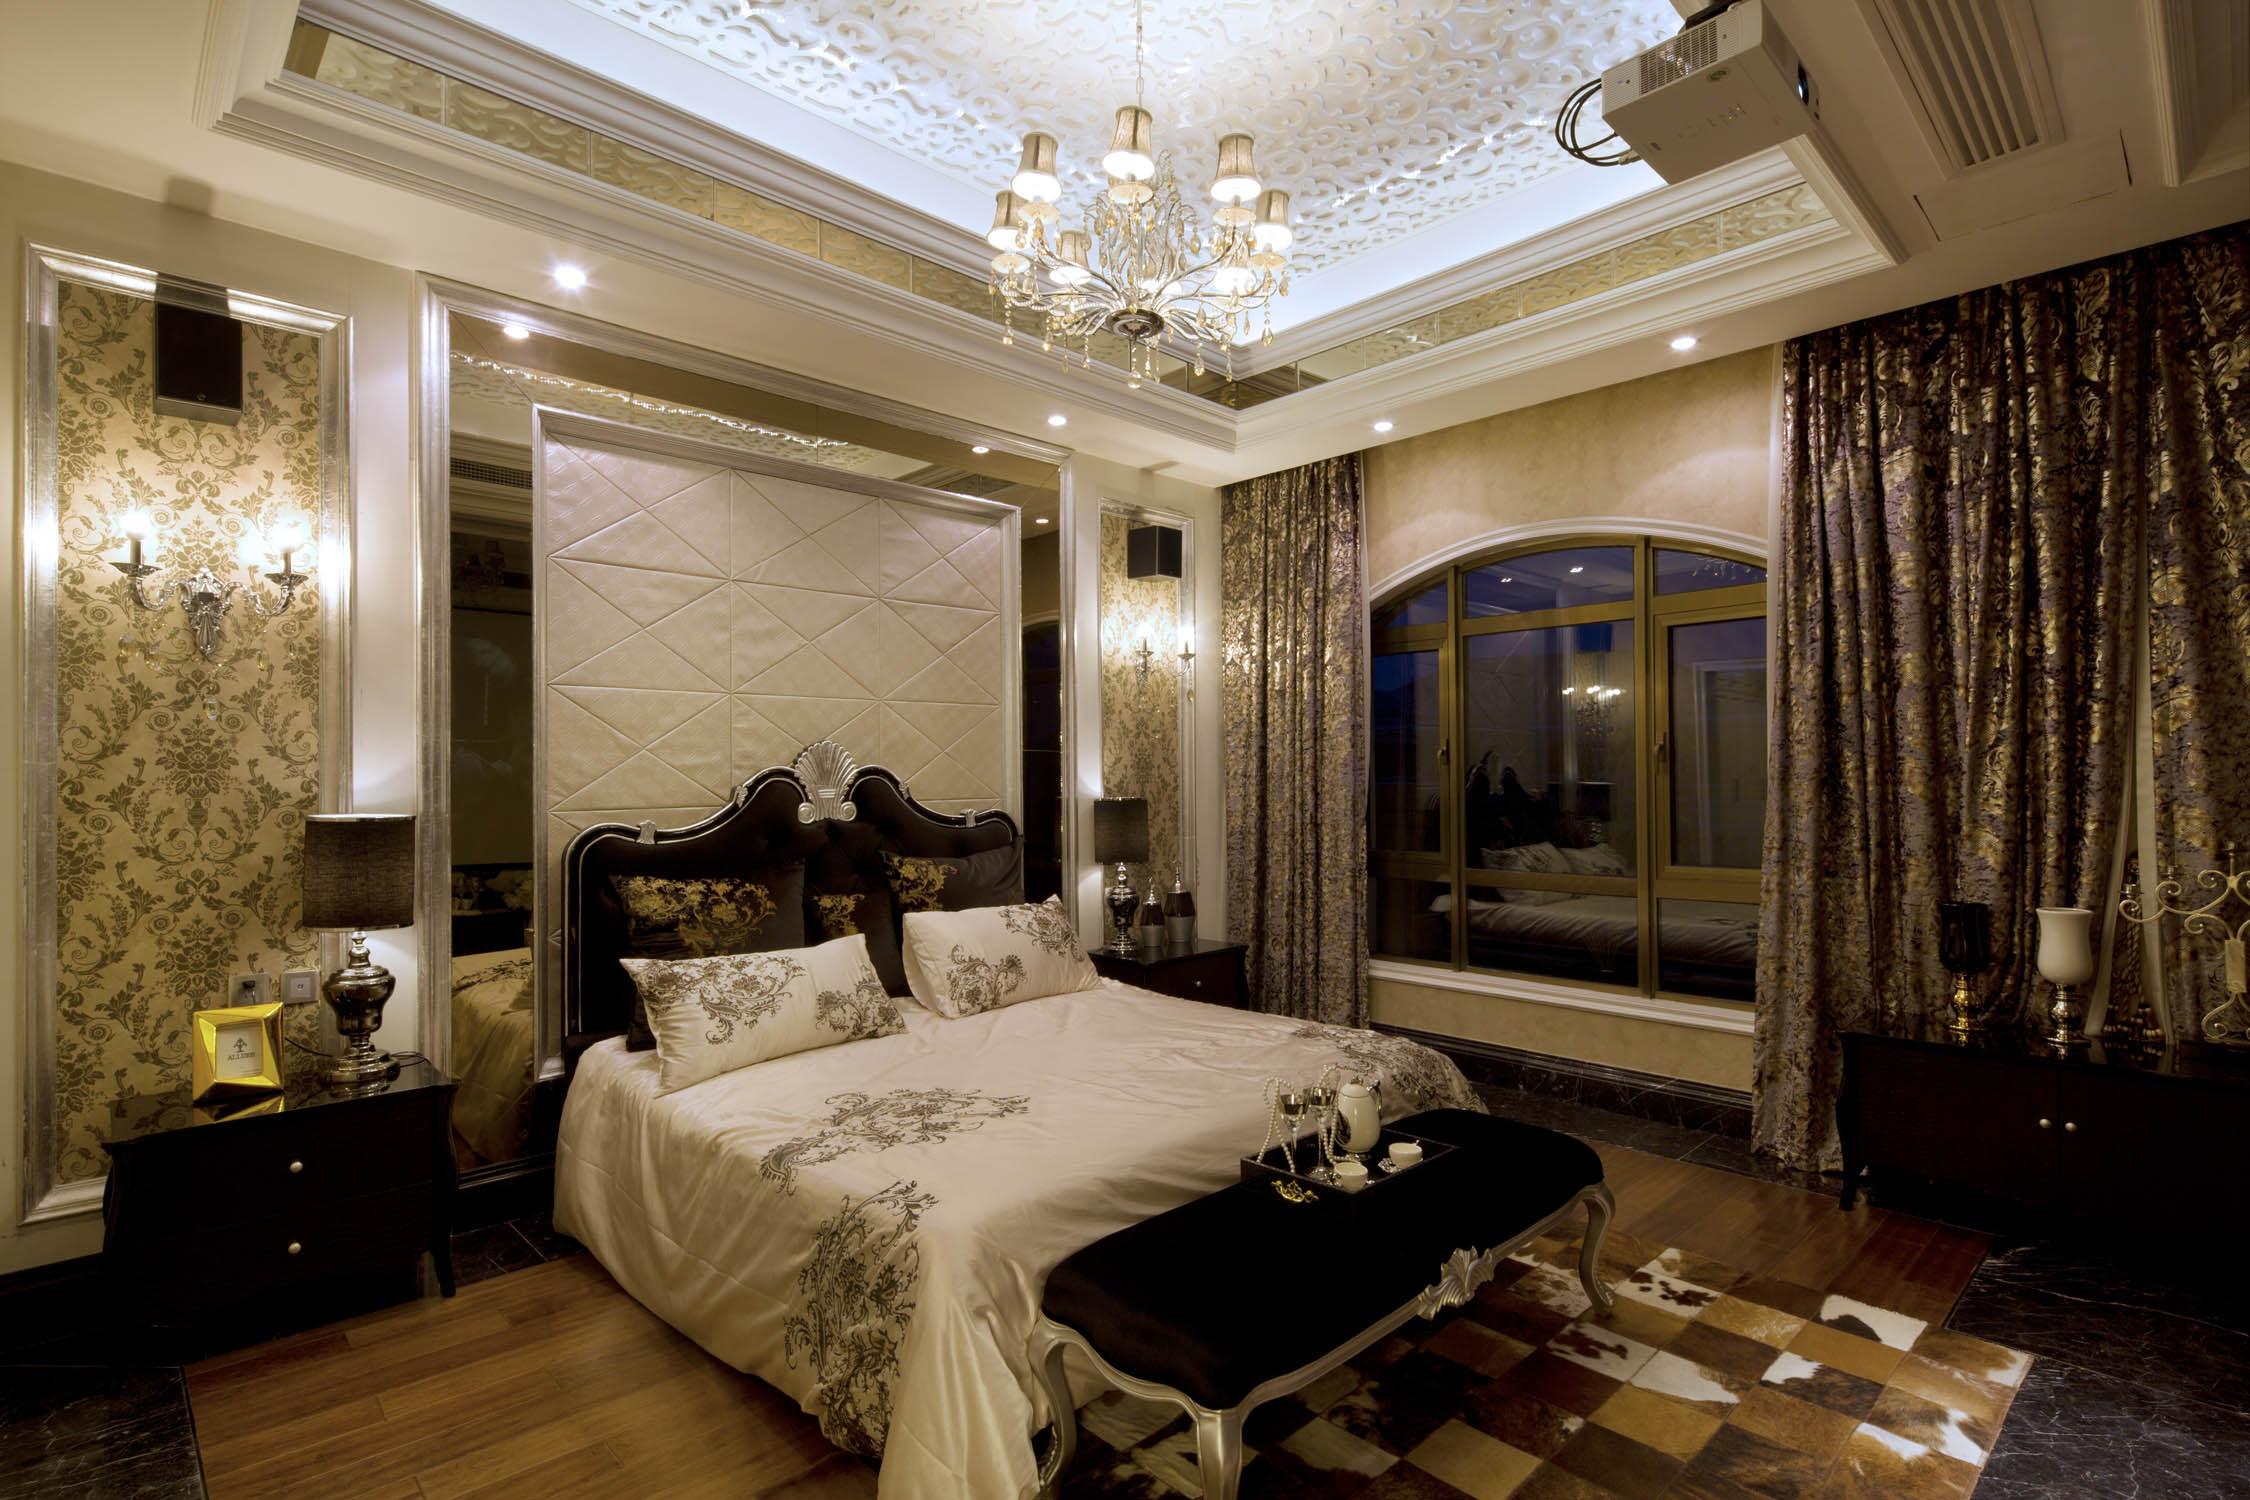 简欧别墅样板房装修卧室背景墙图片